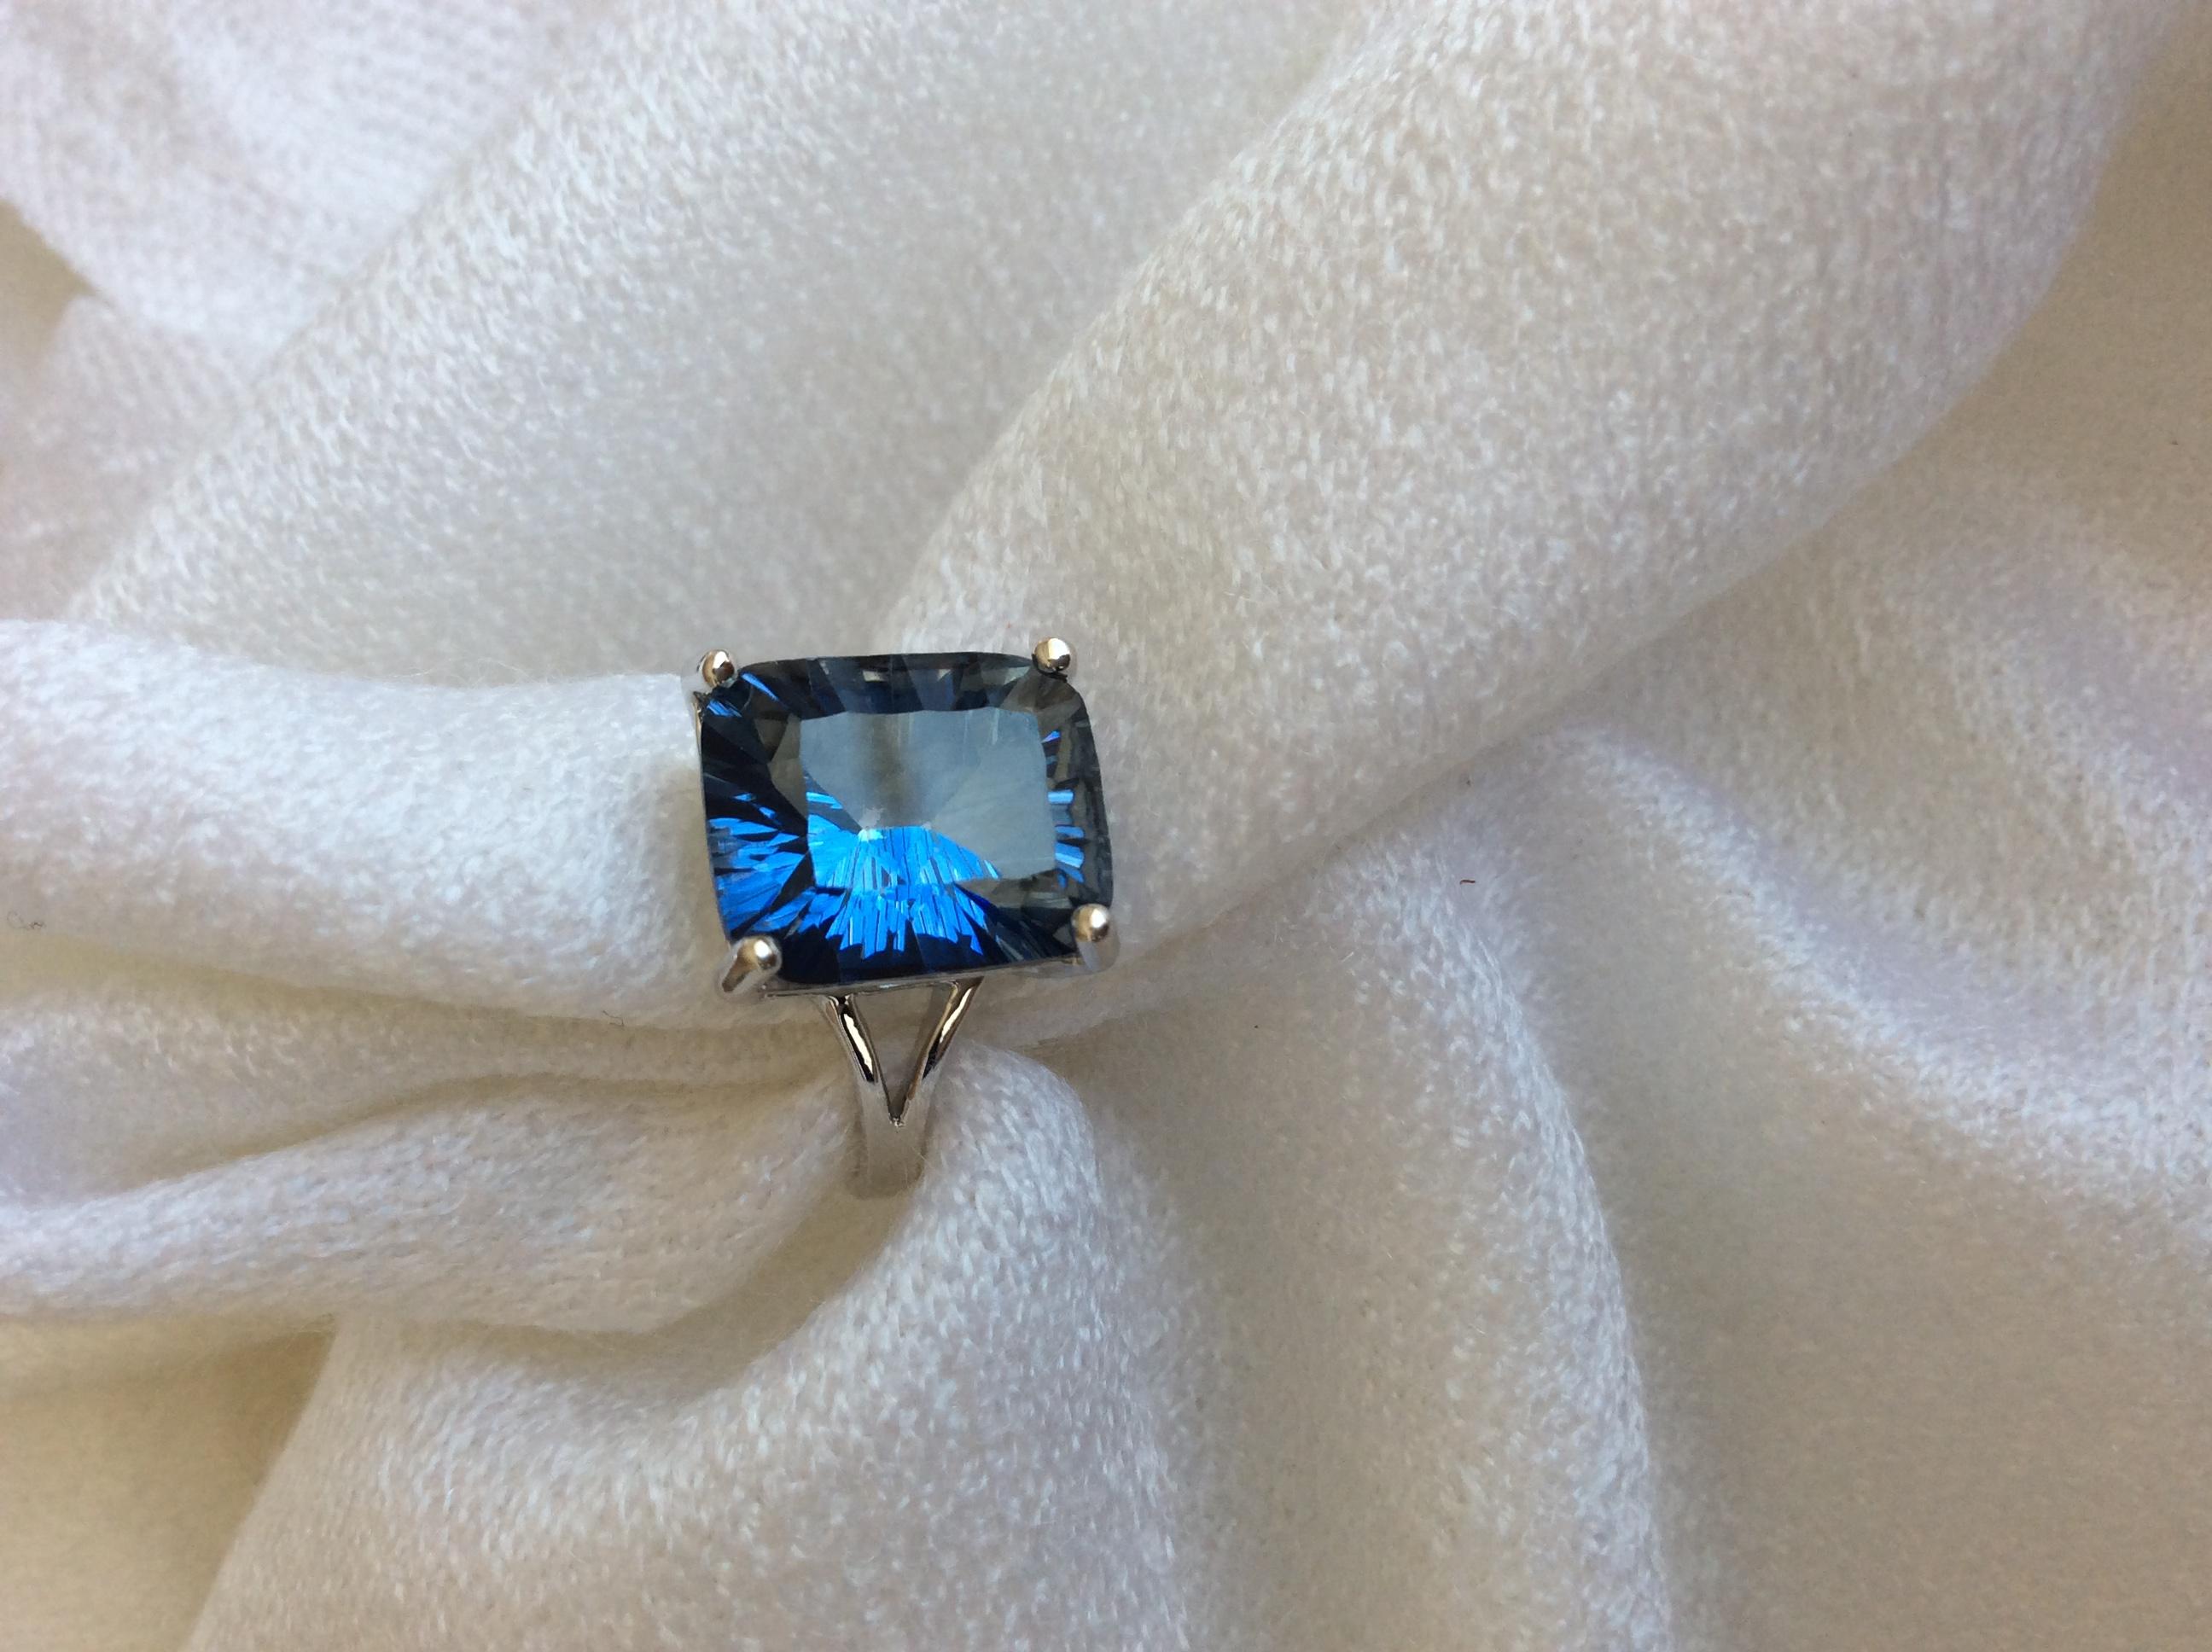 https://img.elo7.com.br/product/original/F3C62B/anel-de-prata-e-topazio-azul-banhado-ouro-18k.jpg